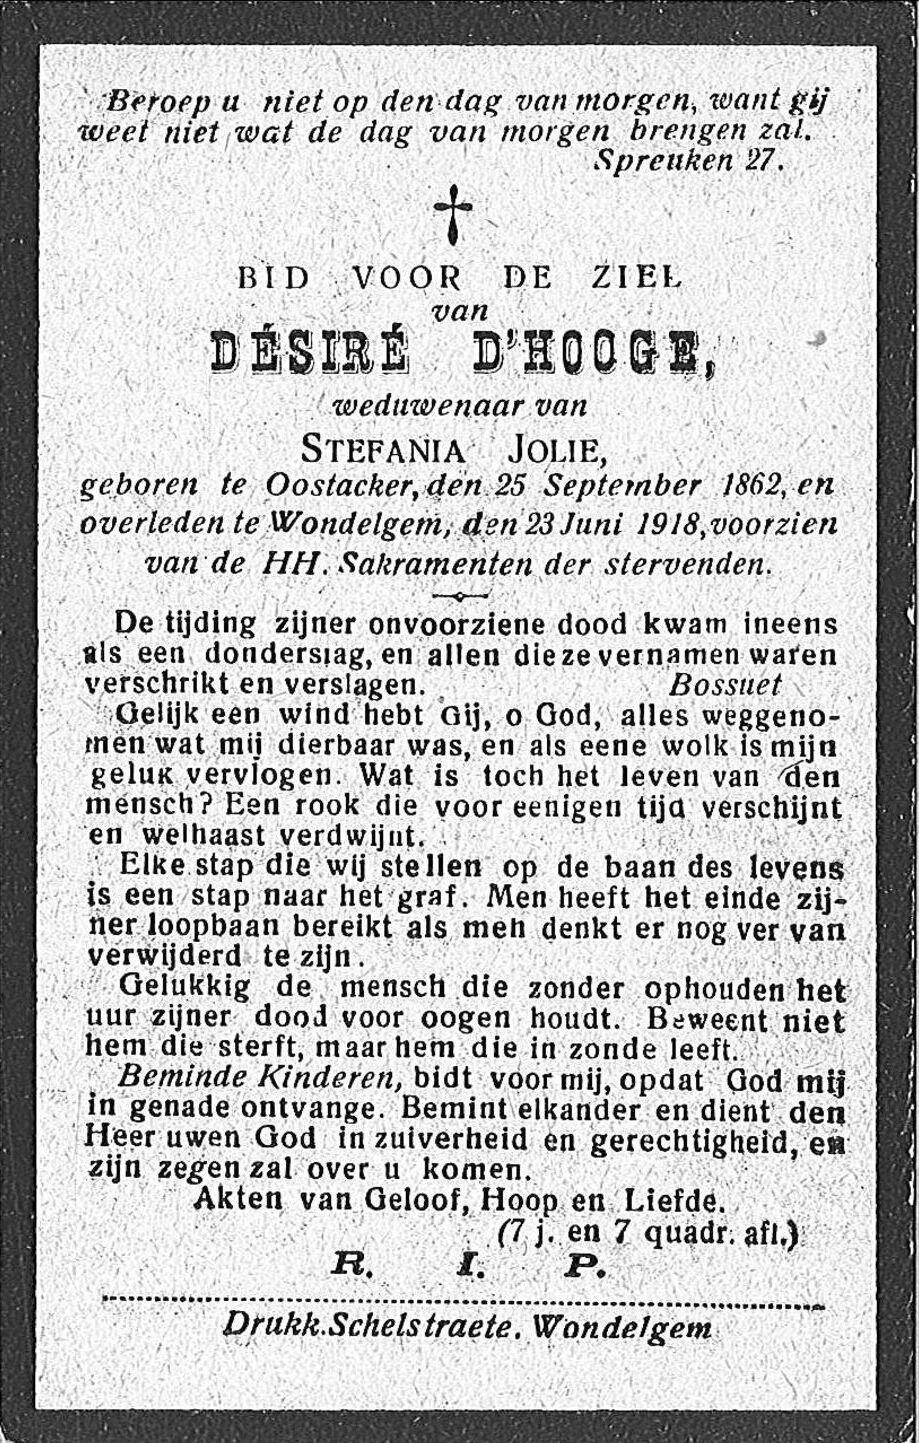 Désiré D'Hooge